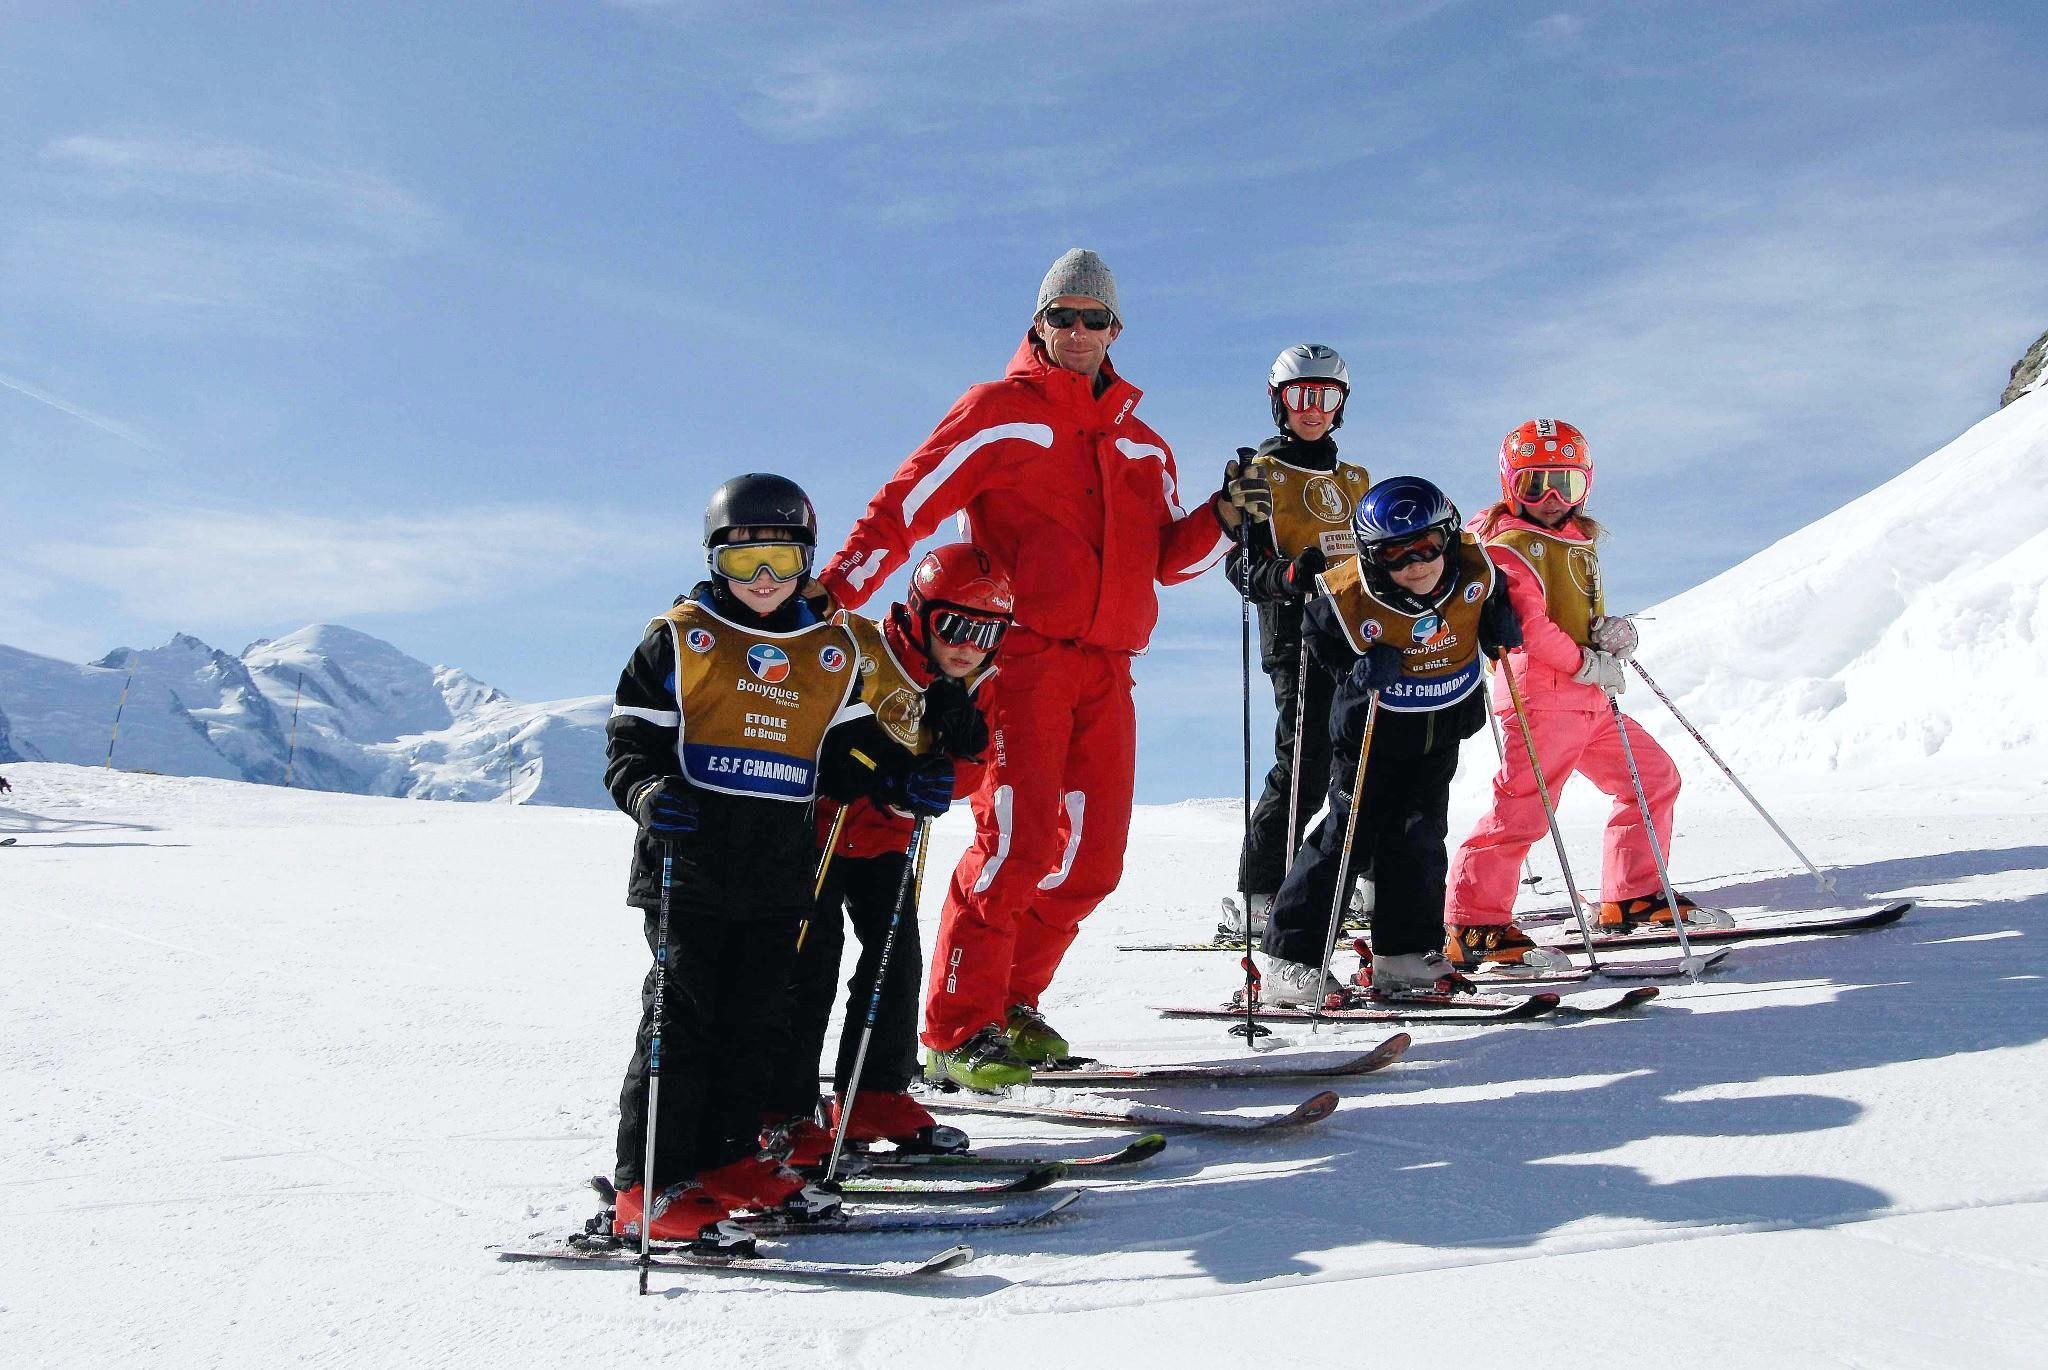 Cours de ski Enfants (5-12 ans) à Chamonix/Les Planards